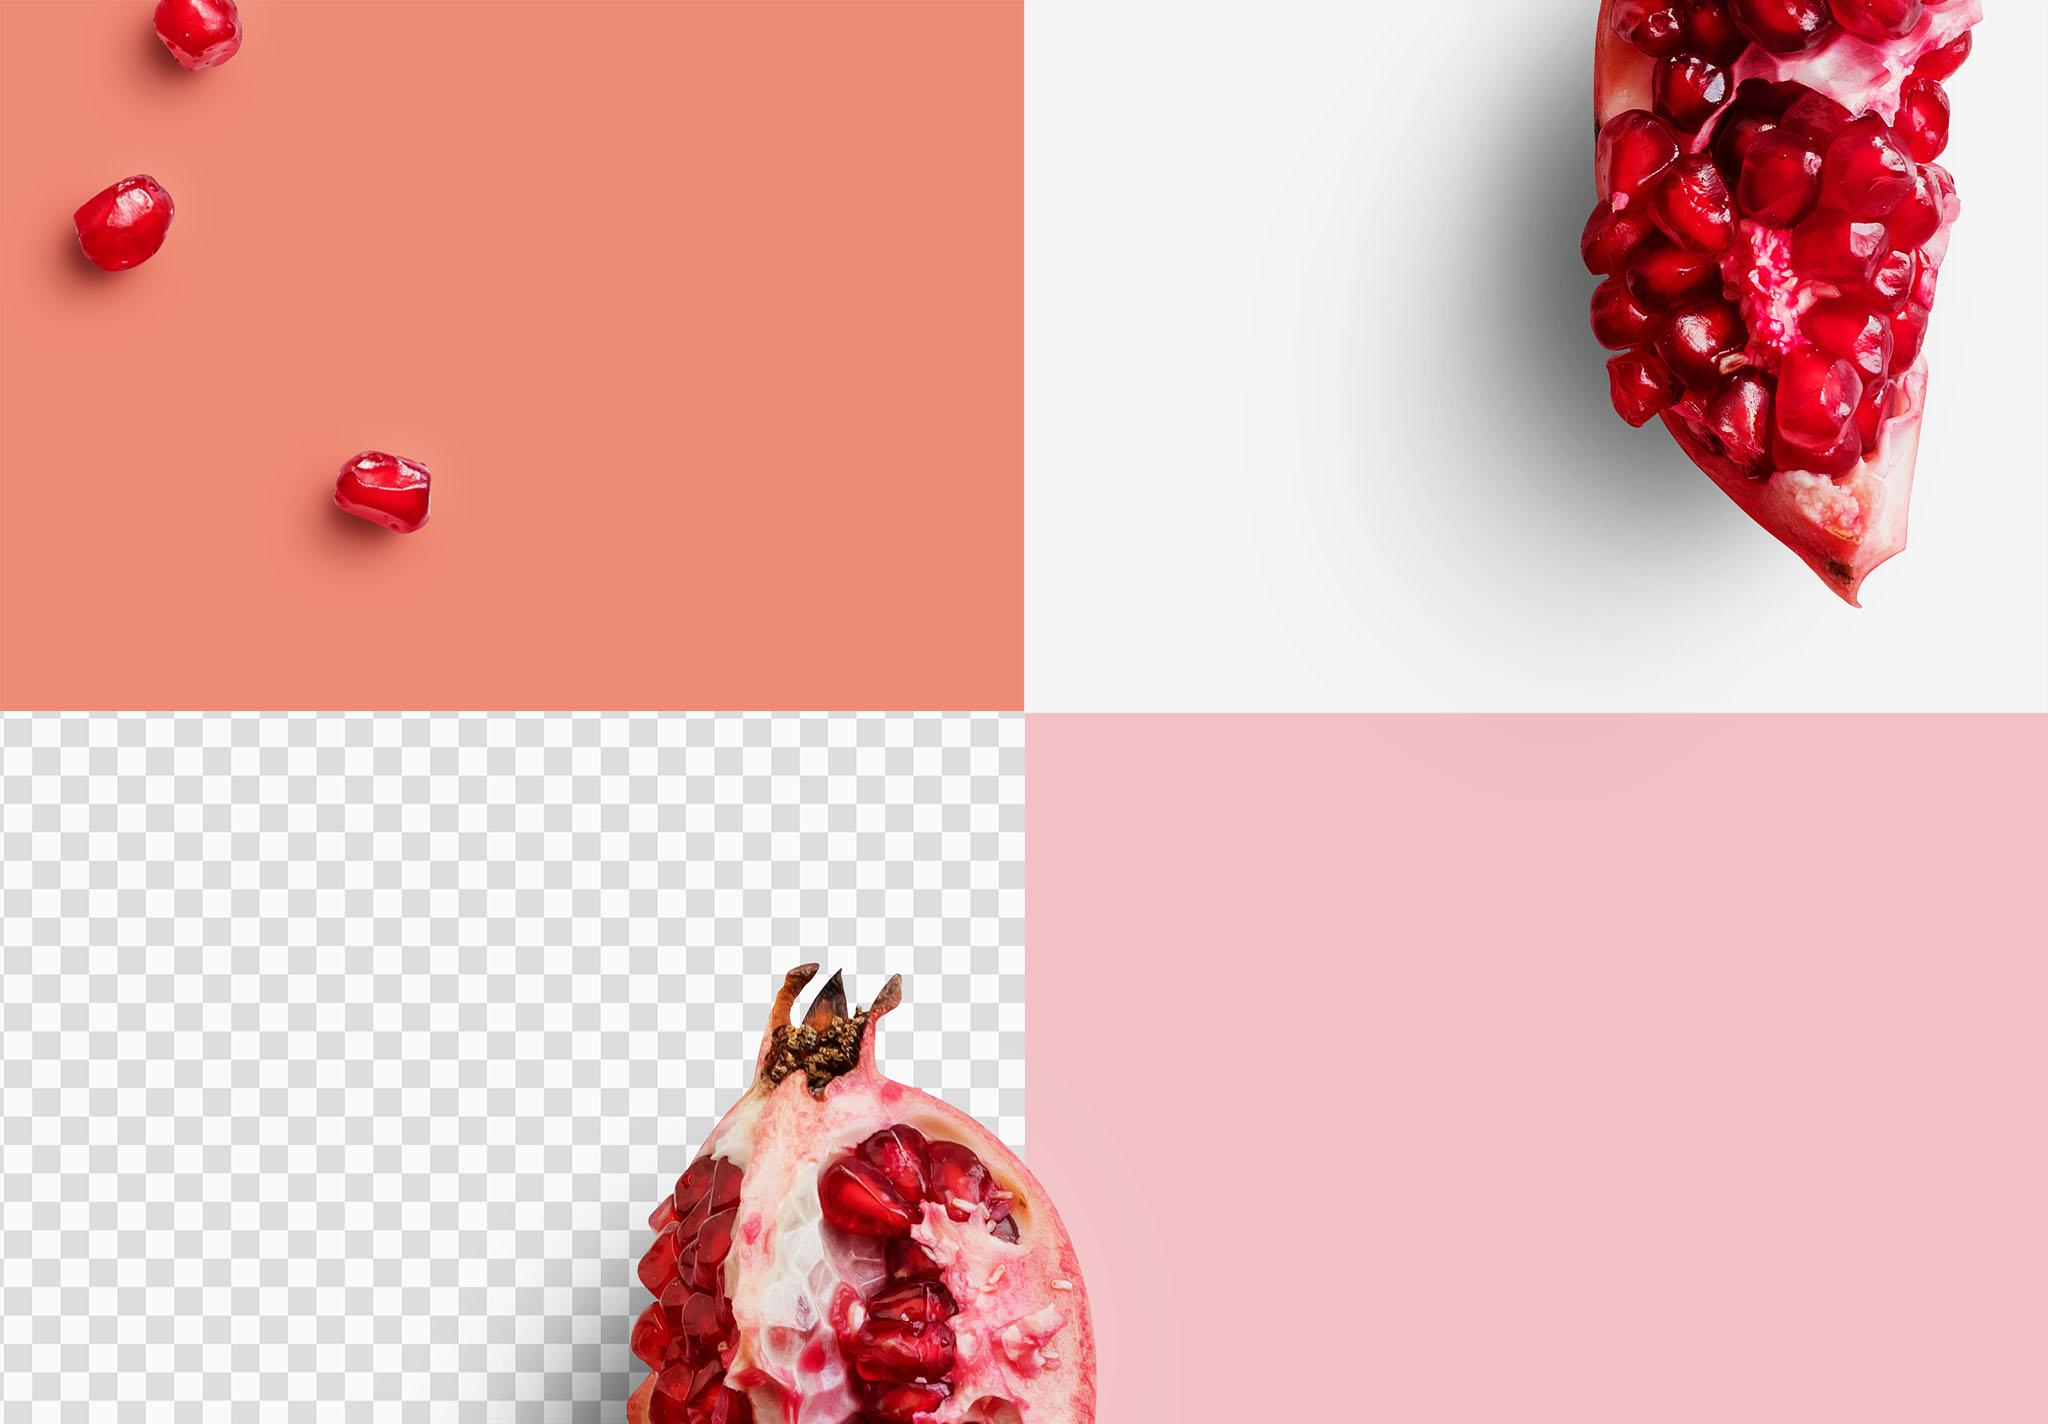 Fruit Pomegranates Isolated Objects 2